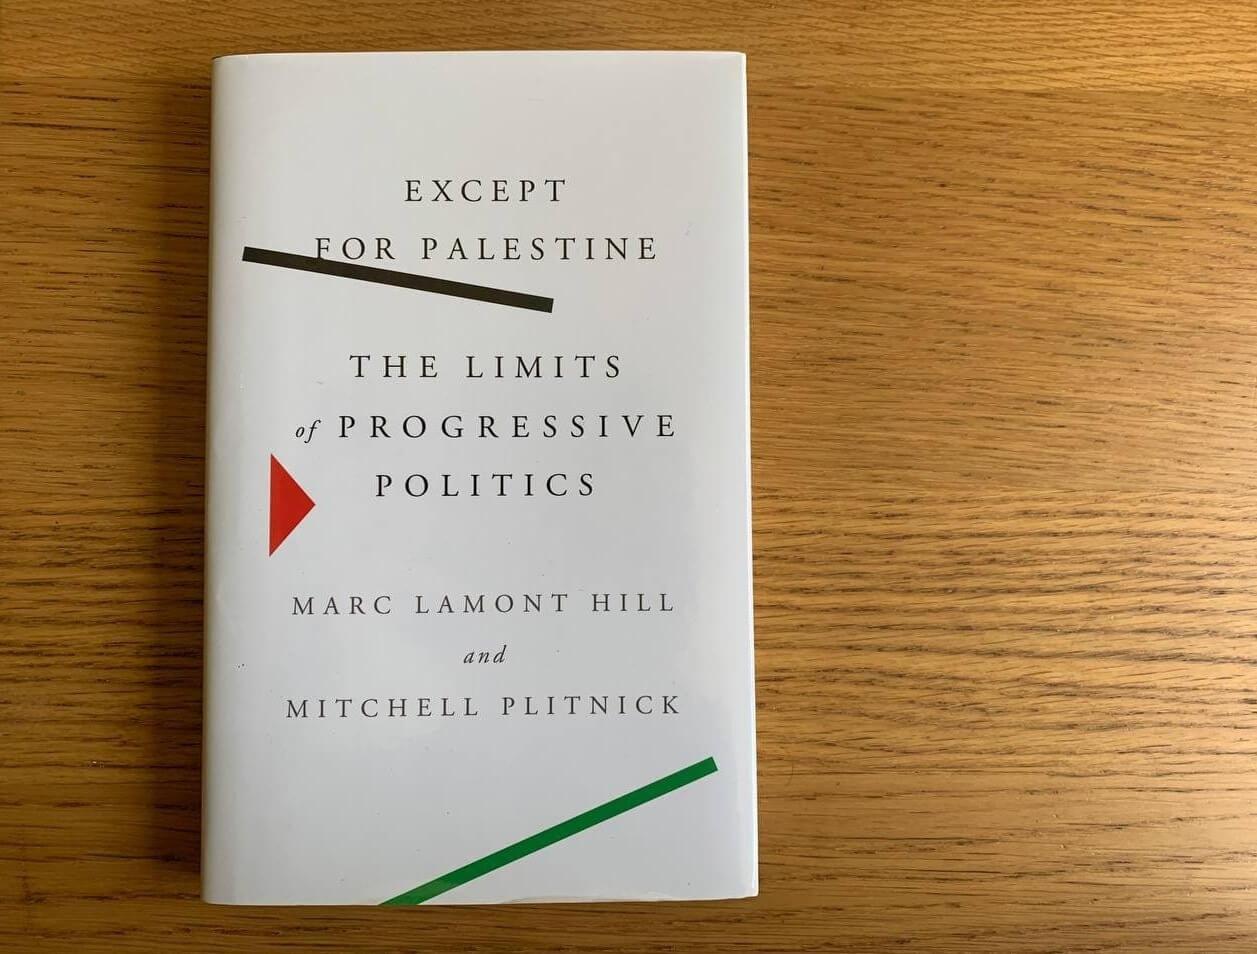 titulo libro Except for Palestine: The limits of progressive politics